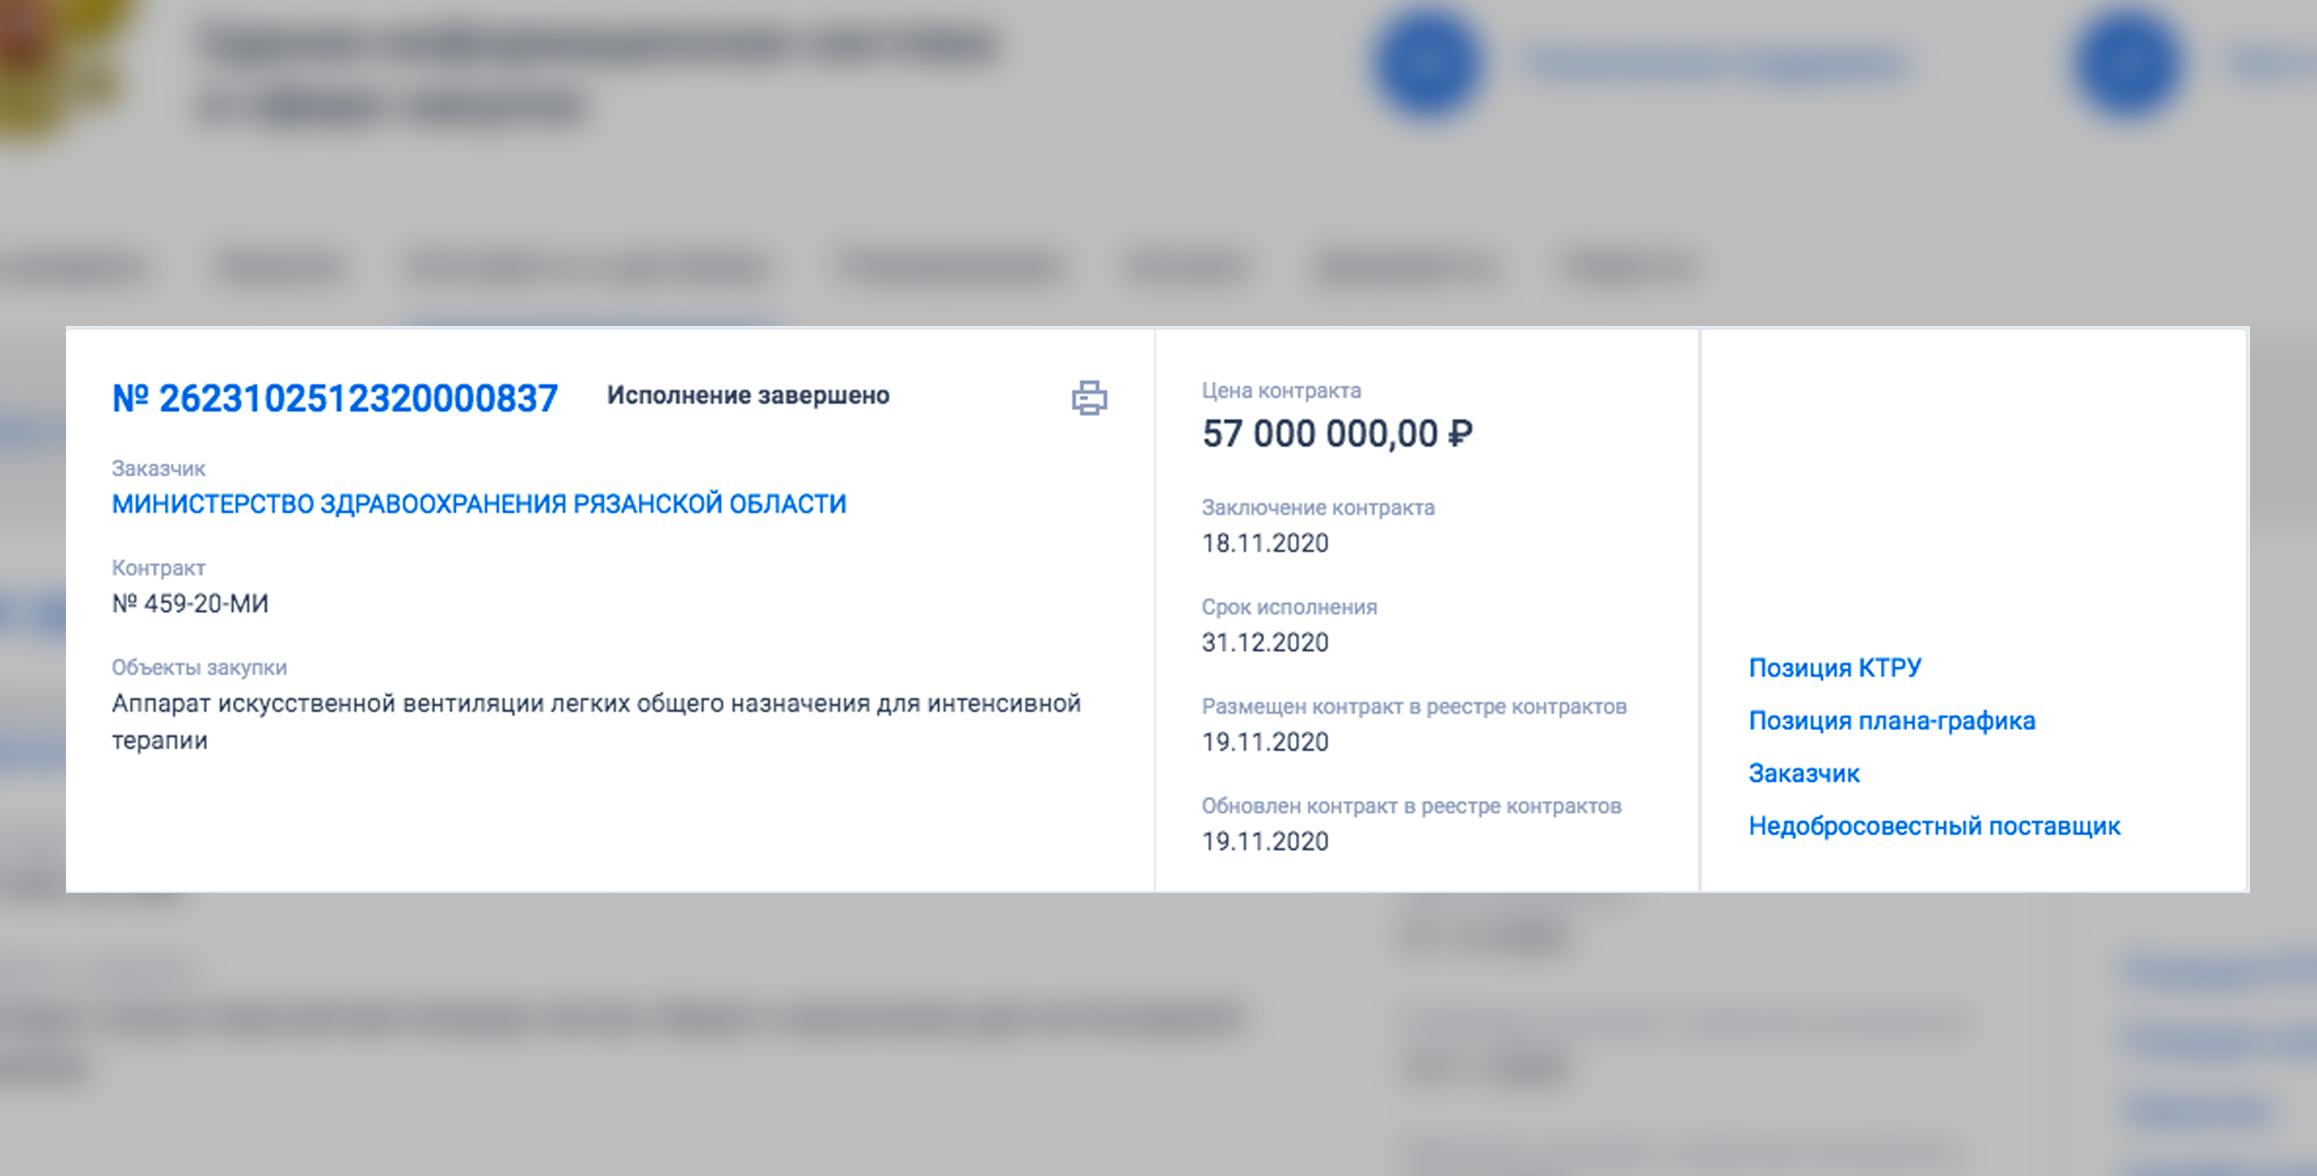 Скриншот © ЕДИНАЯ ИНФОРМАЦИОННАЯ СИСТЕМА В СФЕРЕ ЗАКУПОК